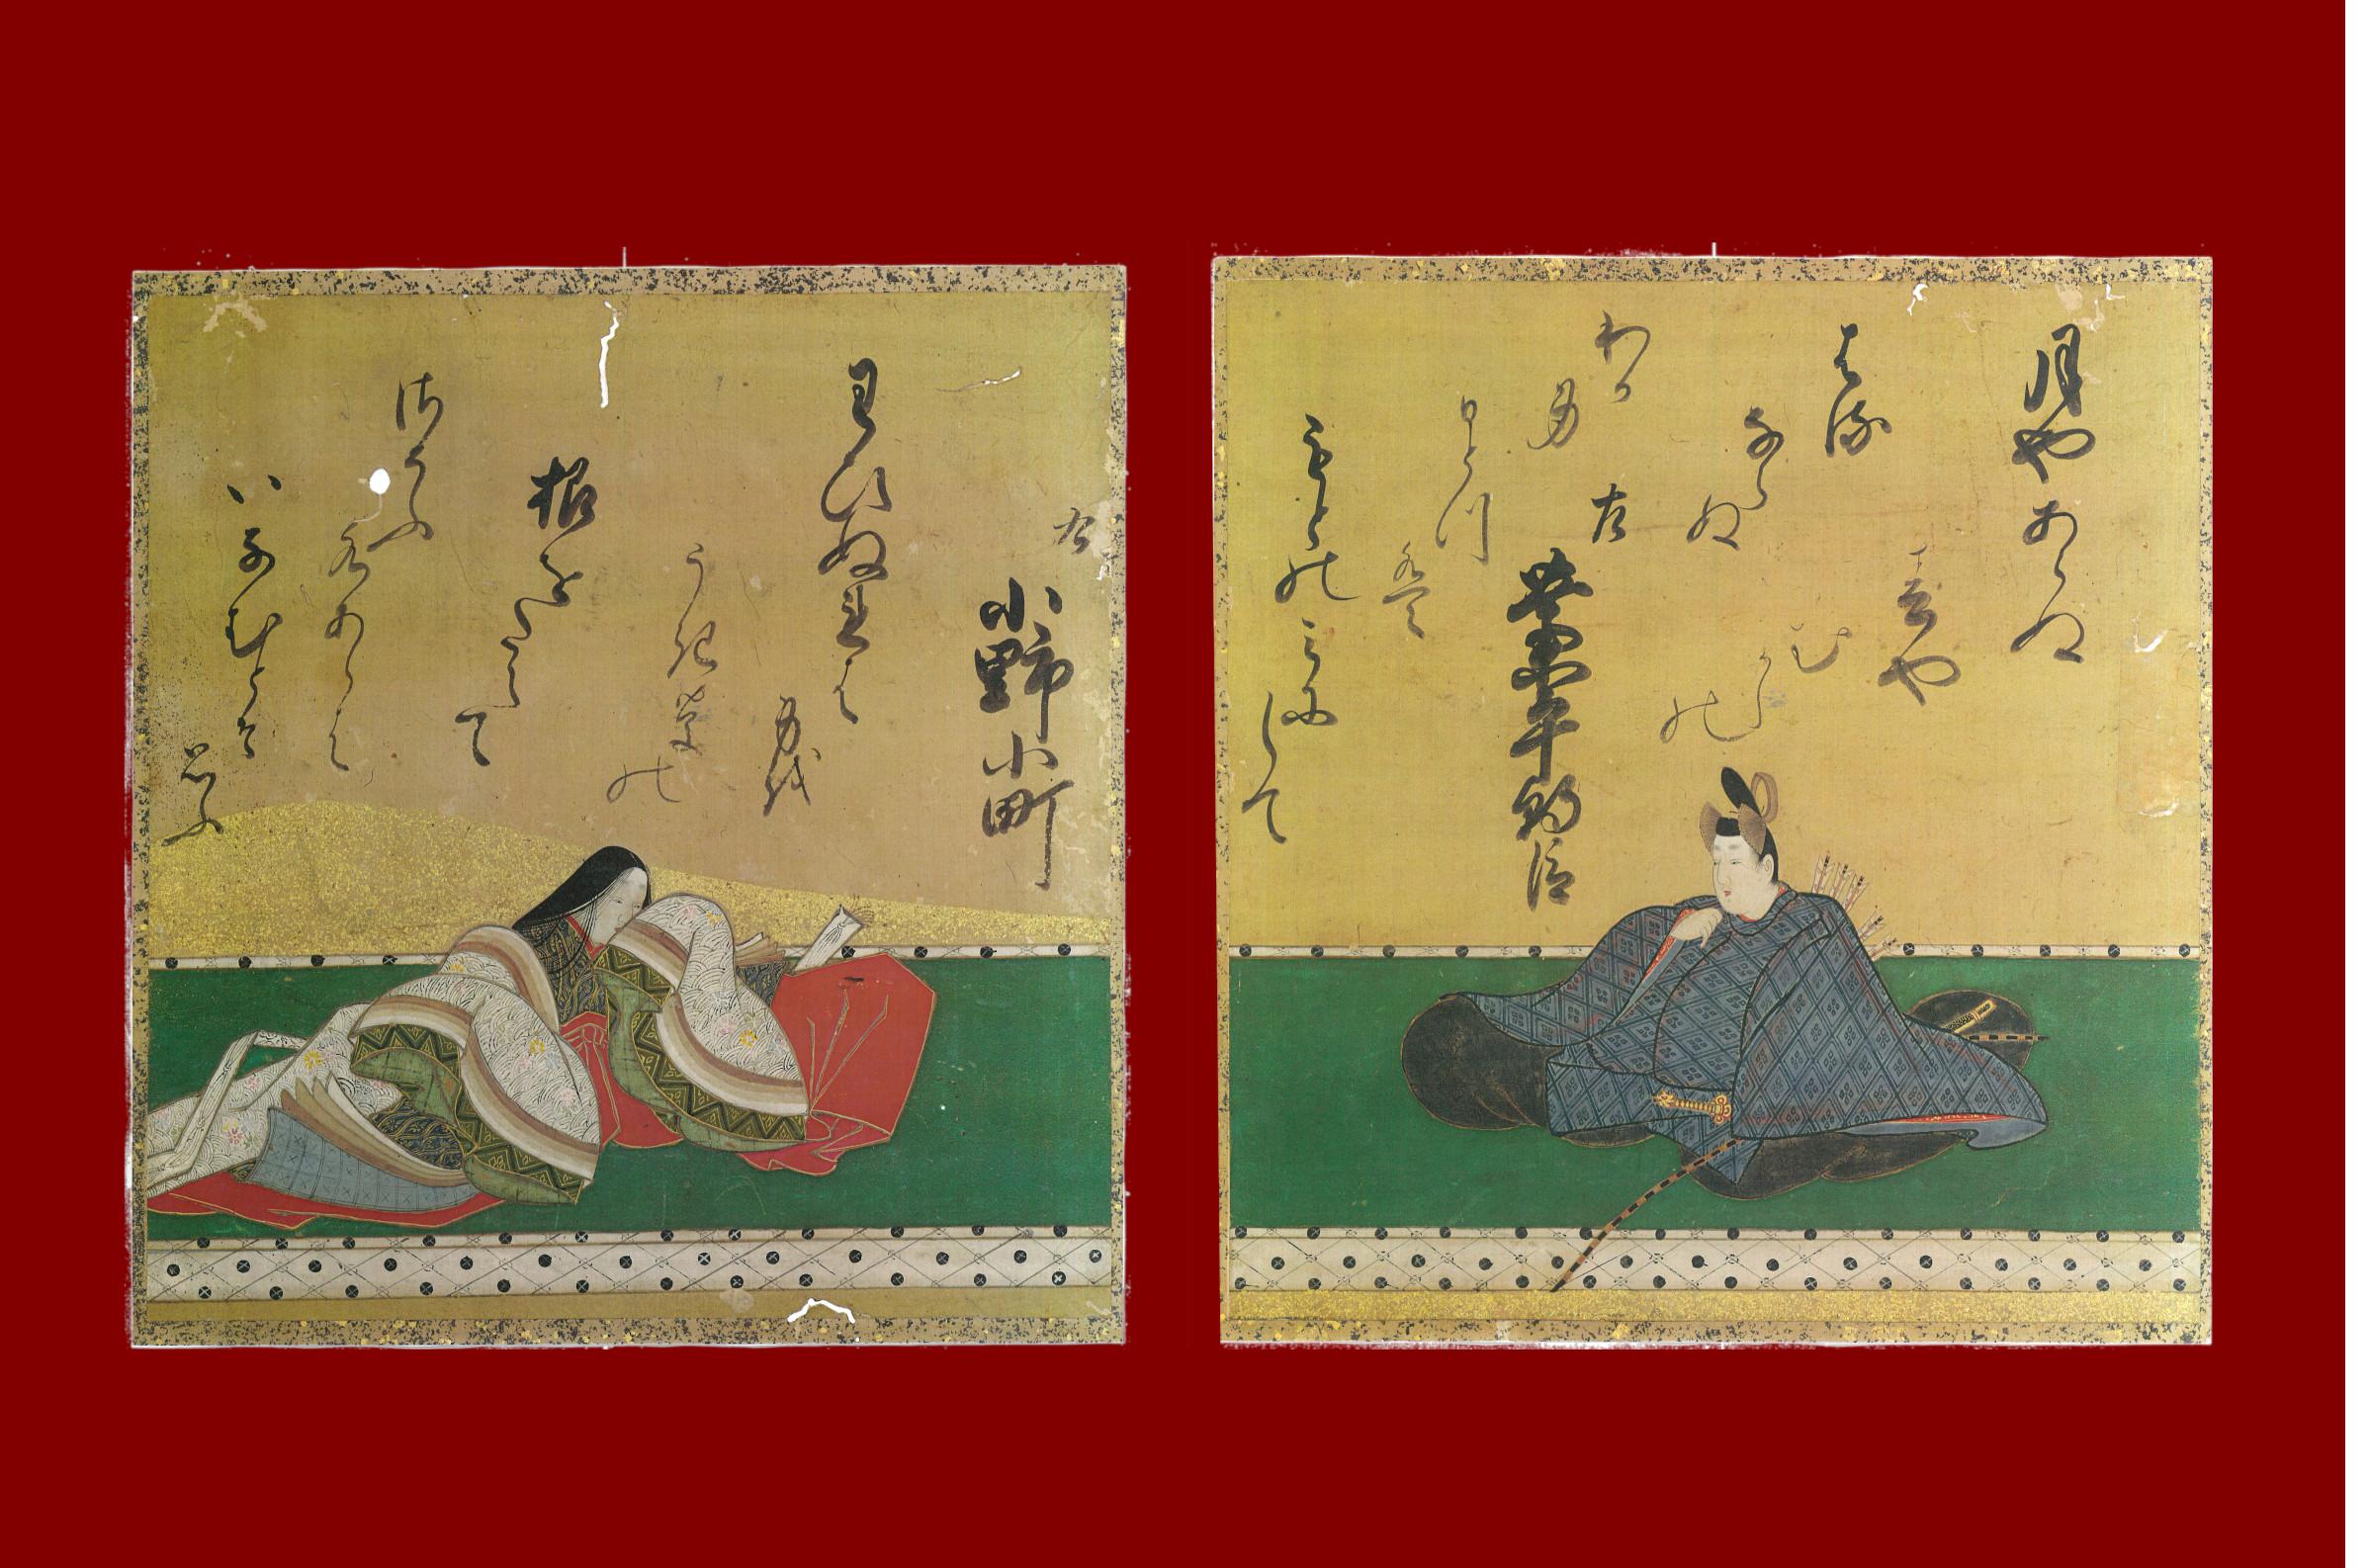 右:業平朝臣、左:小野小町(「飛畳三十六歌仙色紙」)